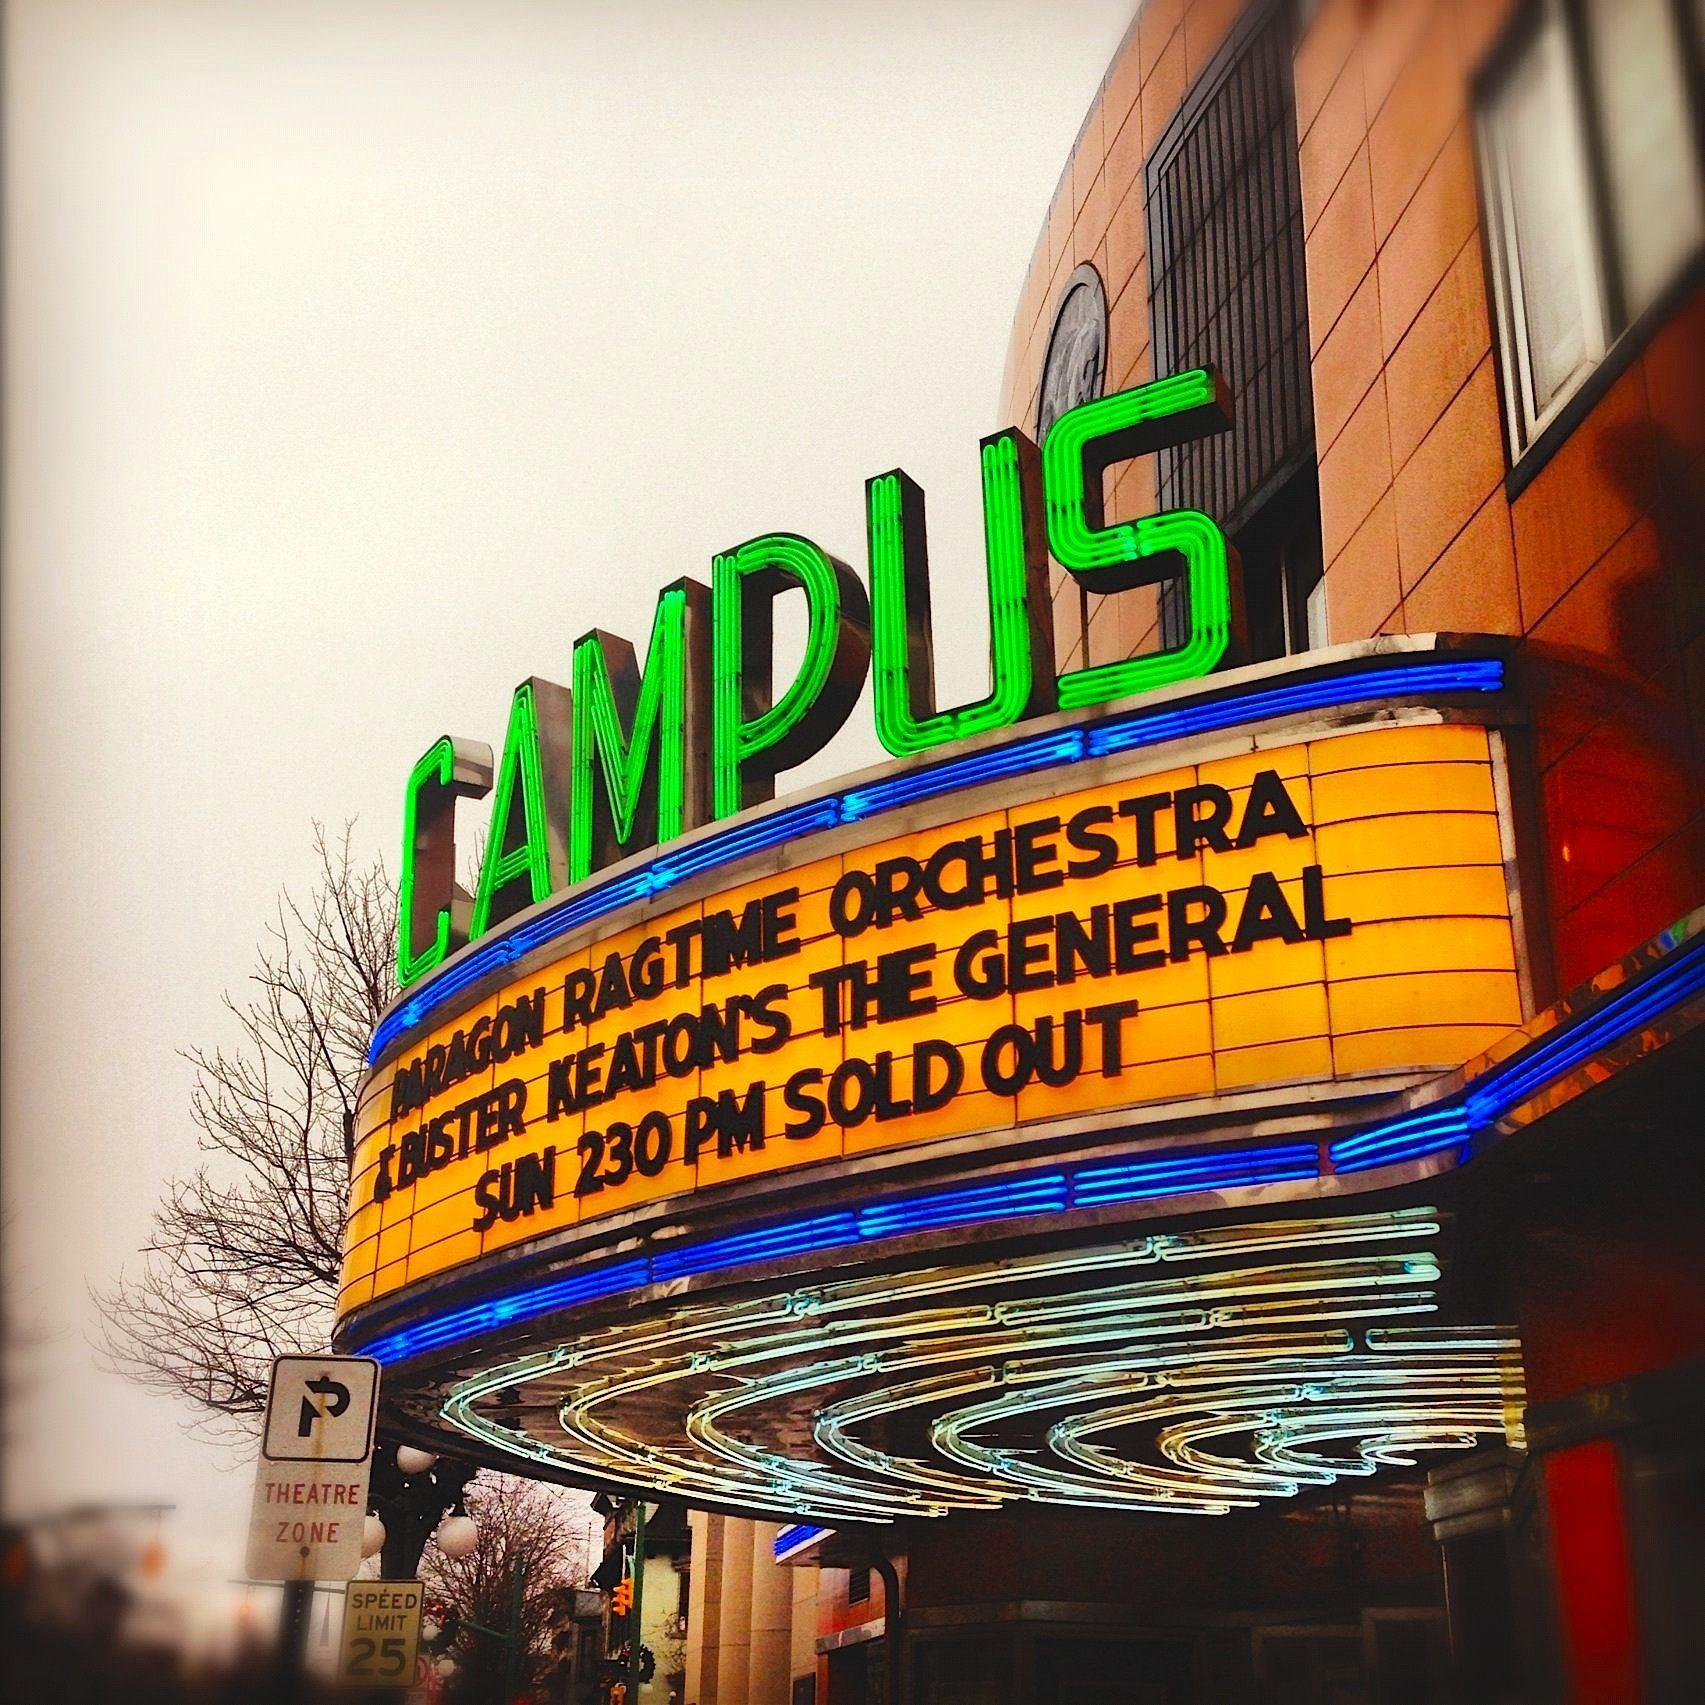 PRO's final 2012 concert